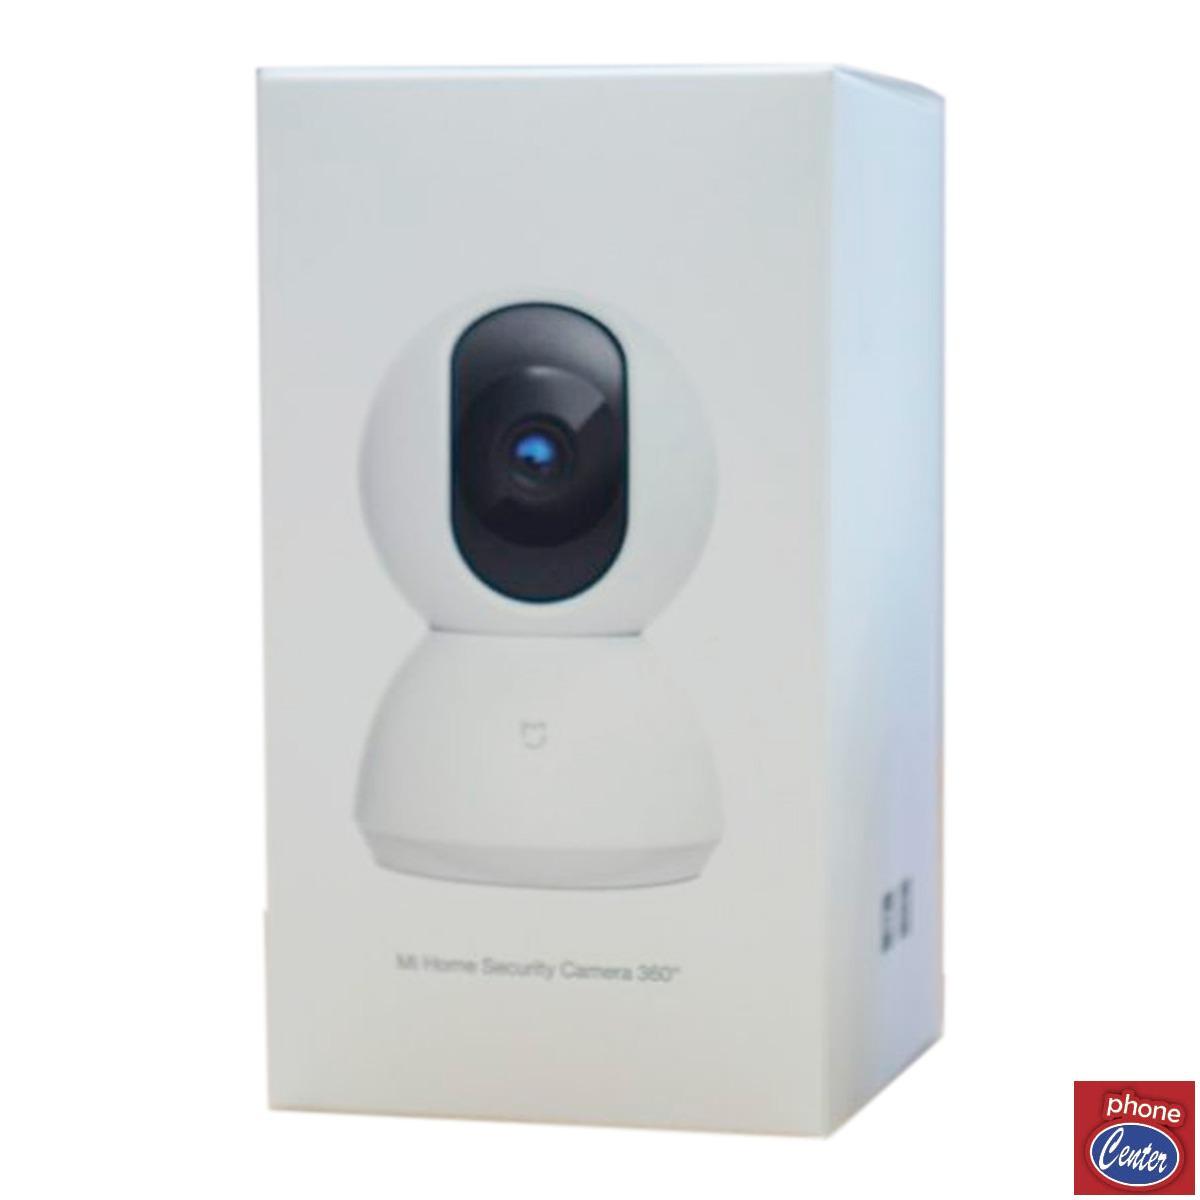 מצלמת אבטחה mi home Security camera 360